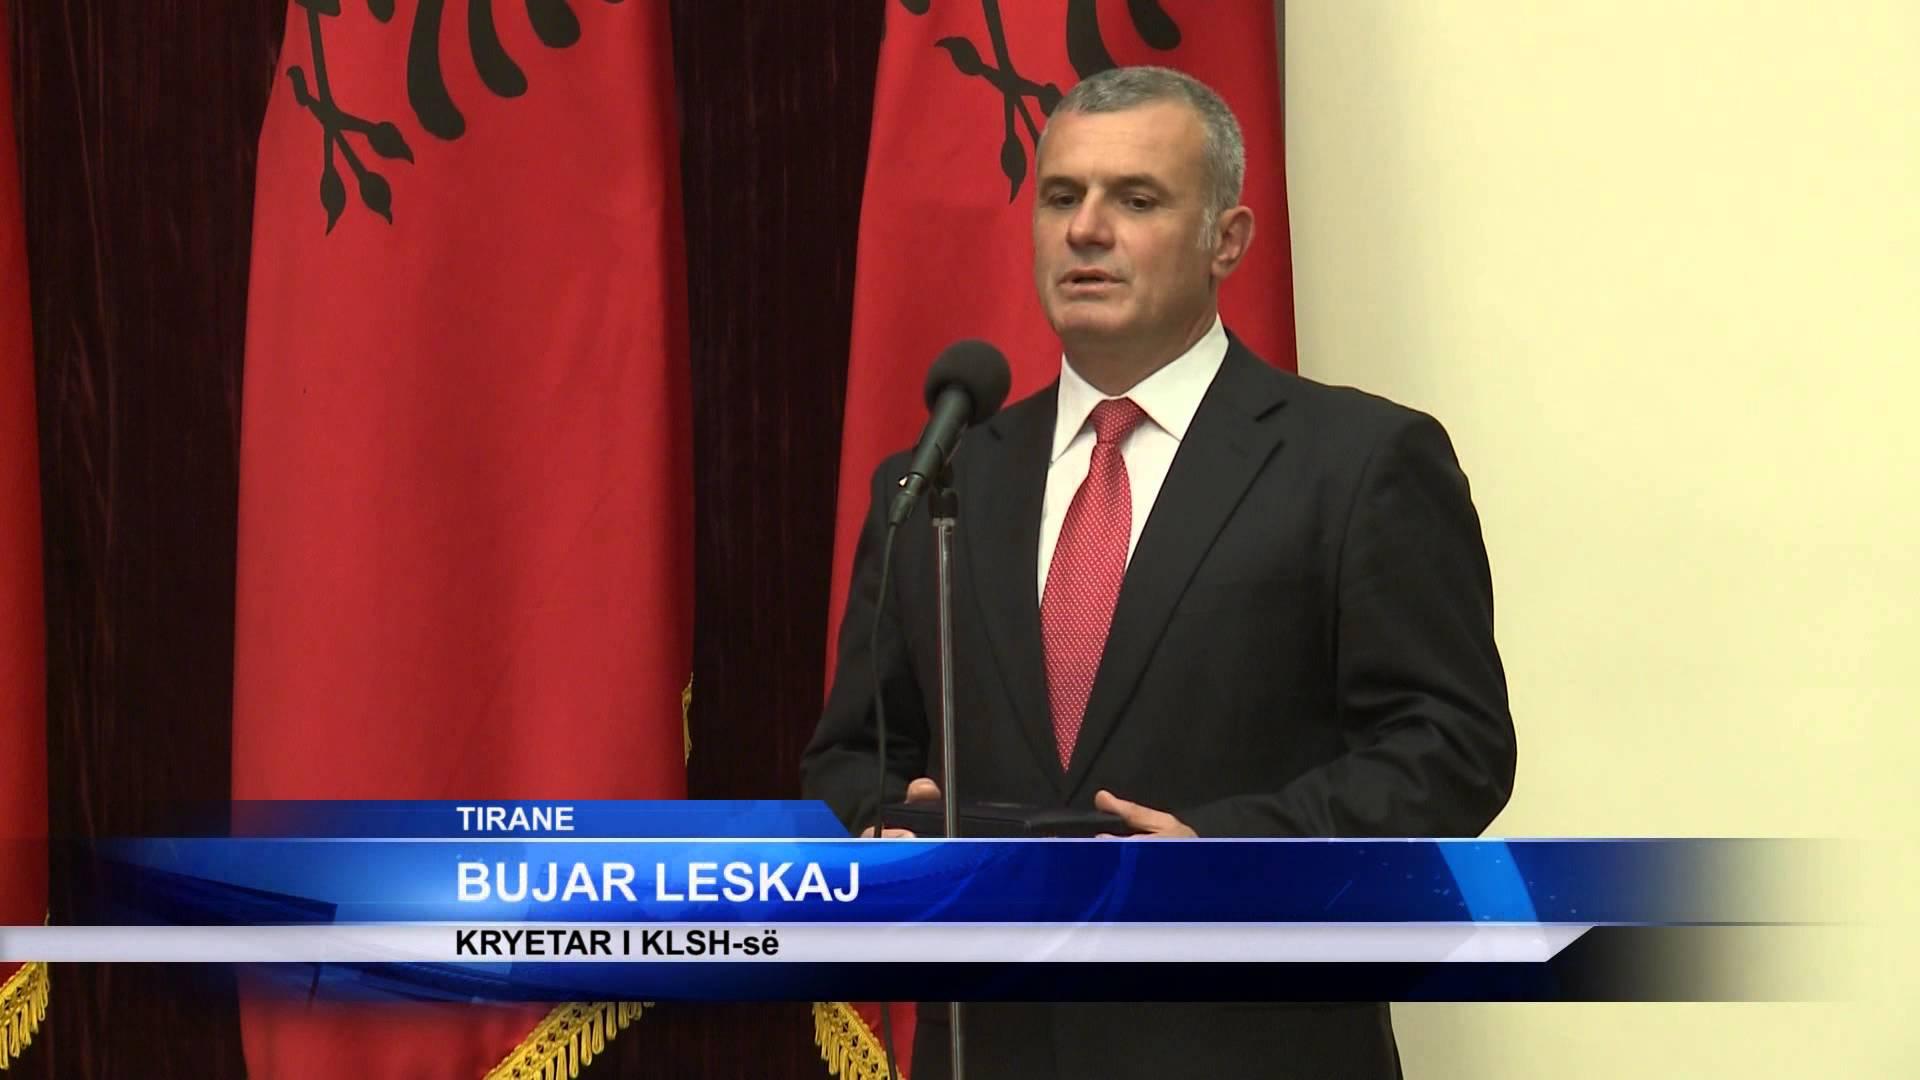 Përfundon mandati i kreut të KLSH, Bujar Leskajt, ja kush do ta zëvendësojë